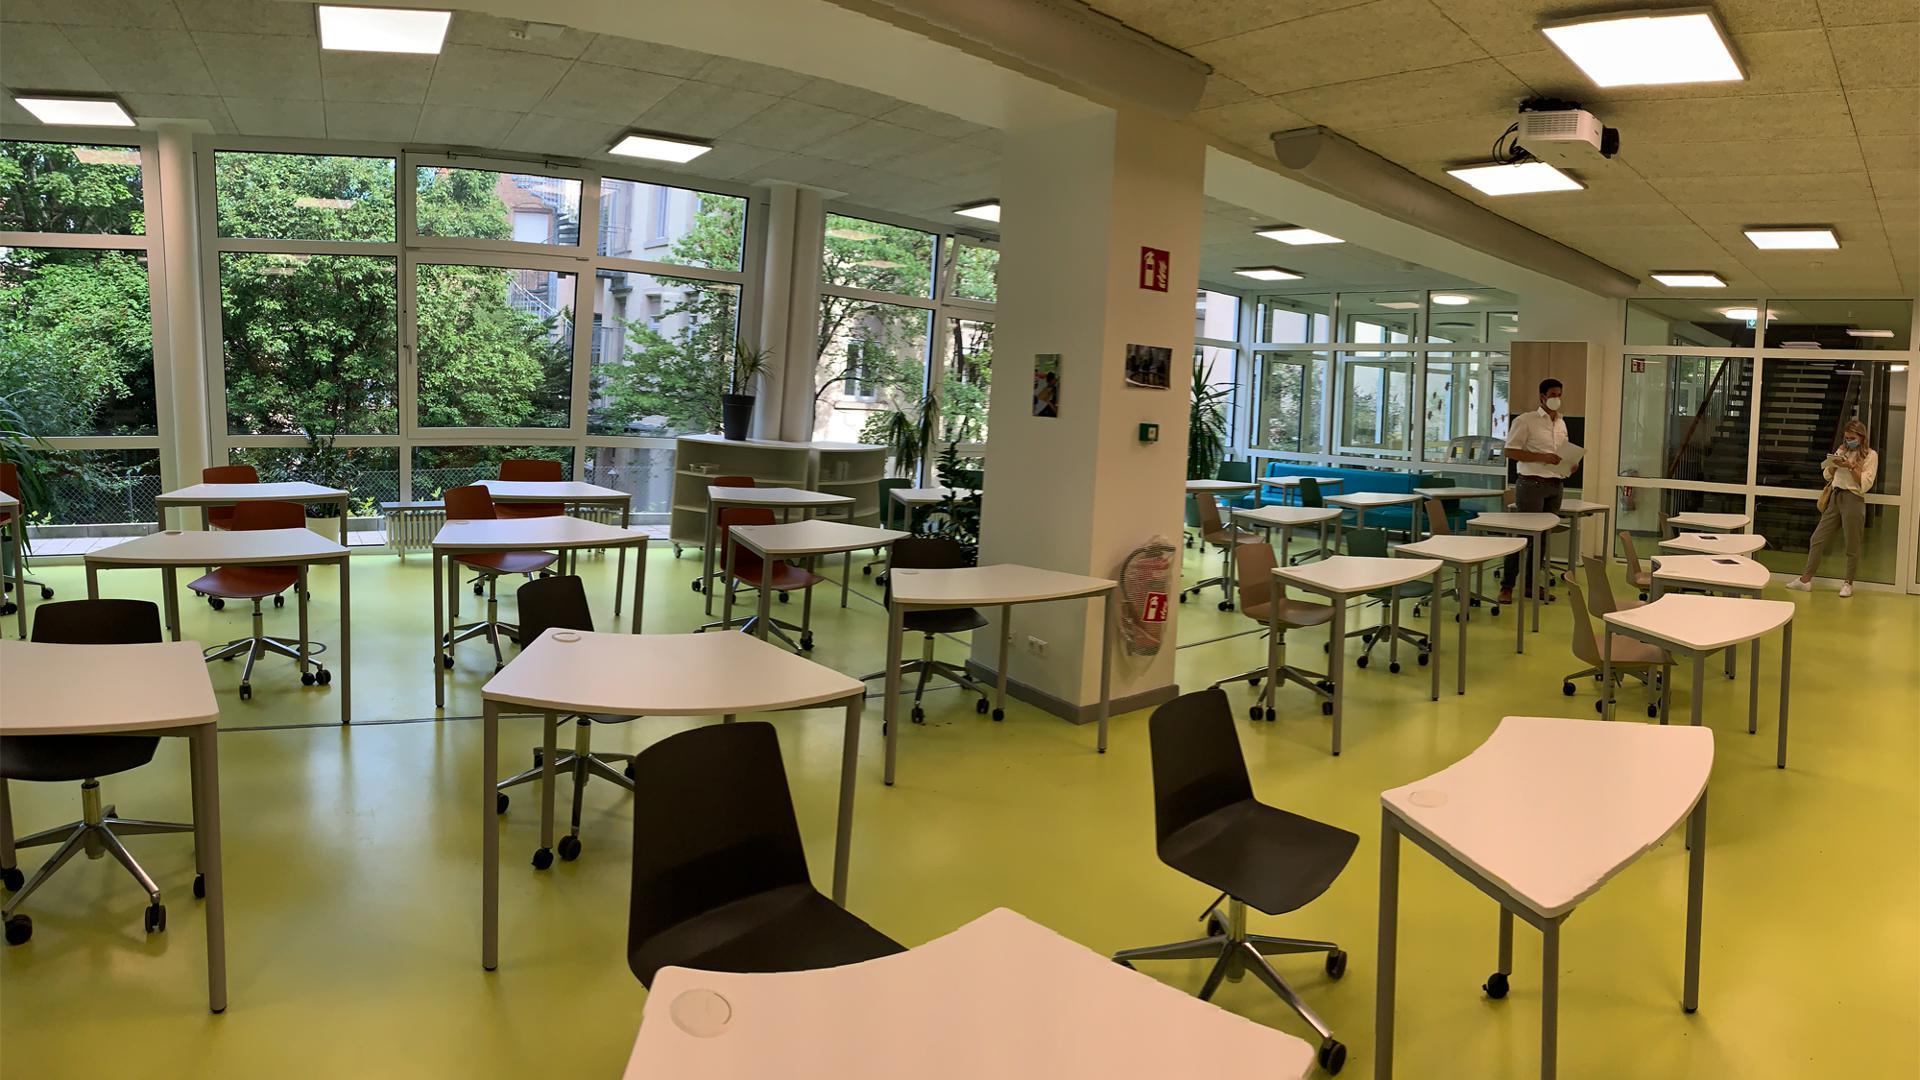 In der Realschule neigen sich die Sanierungsarbeiten langsam dem Ende. Der Ganztagesbereich im Untergeschoss ist bereits fertig.